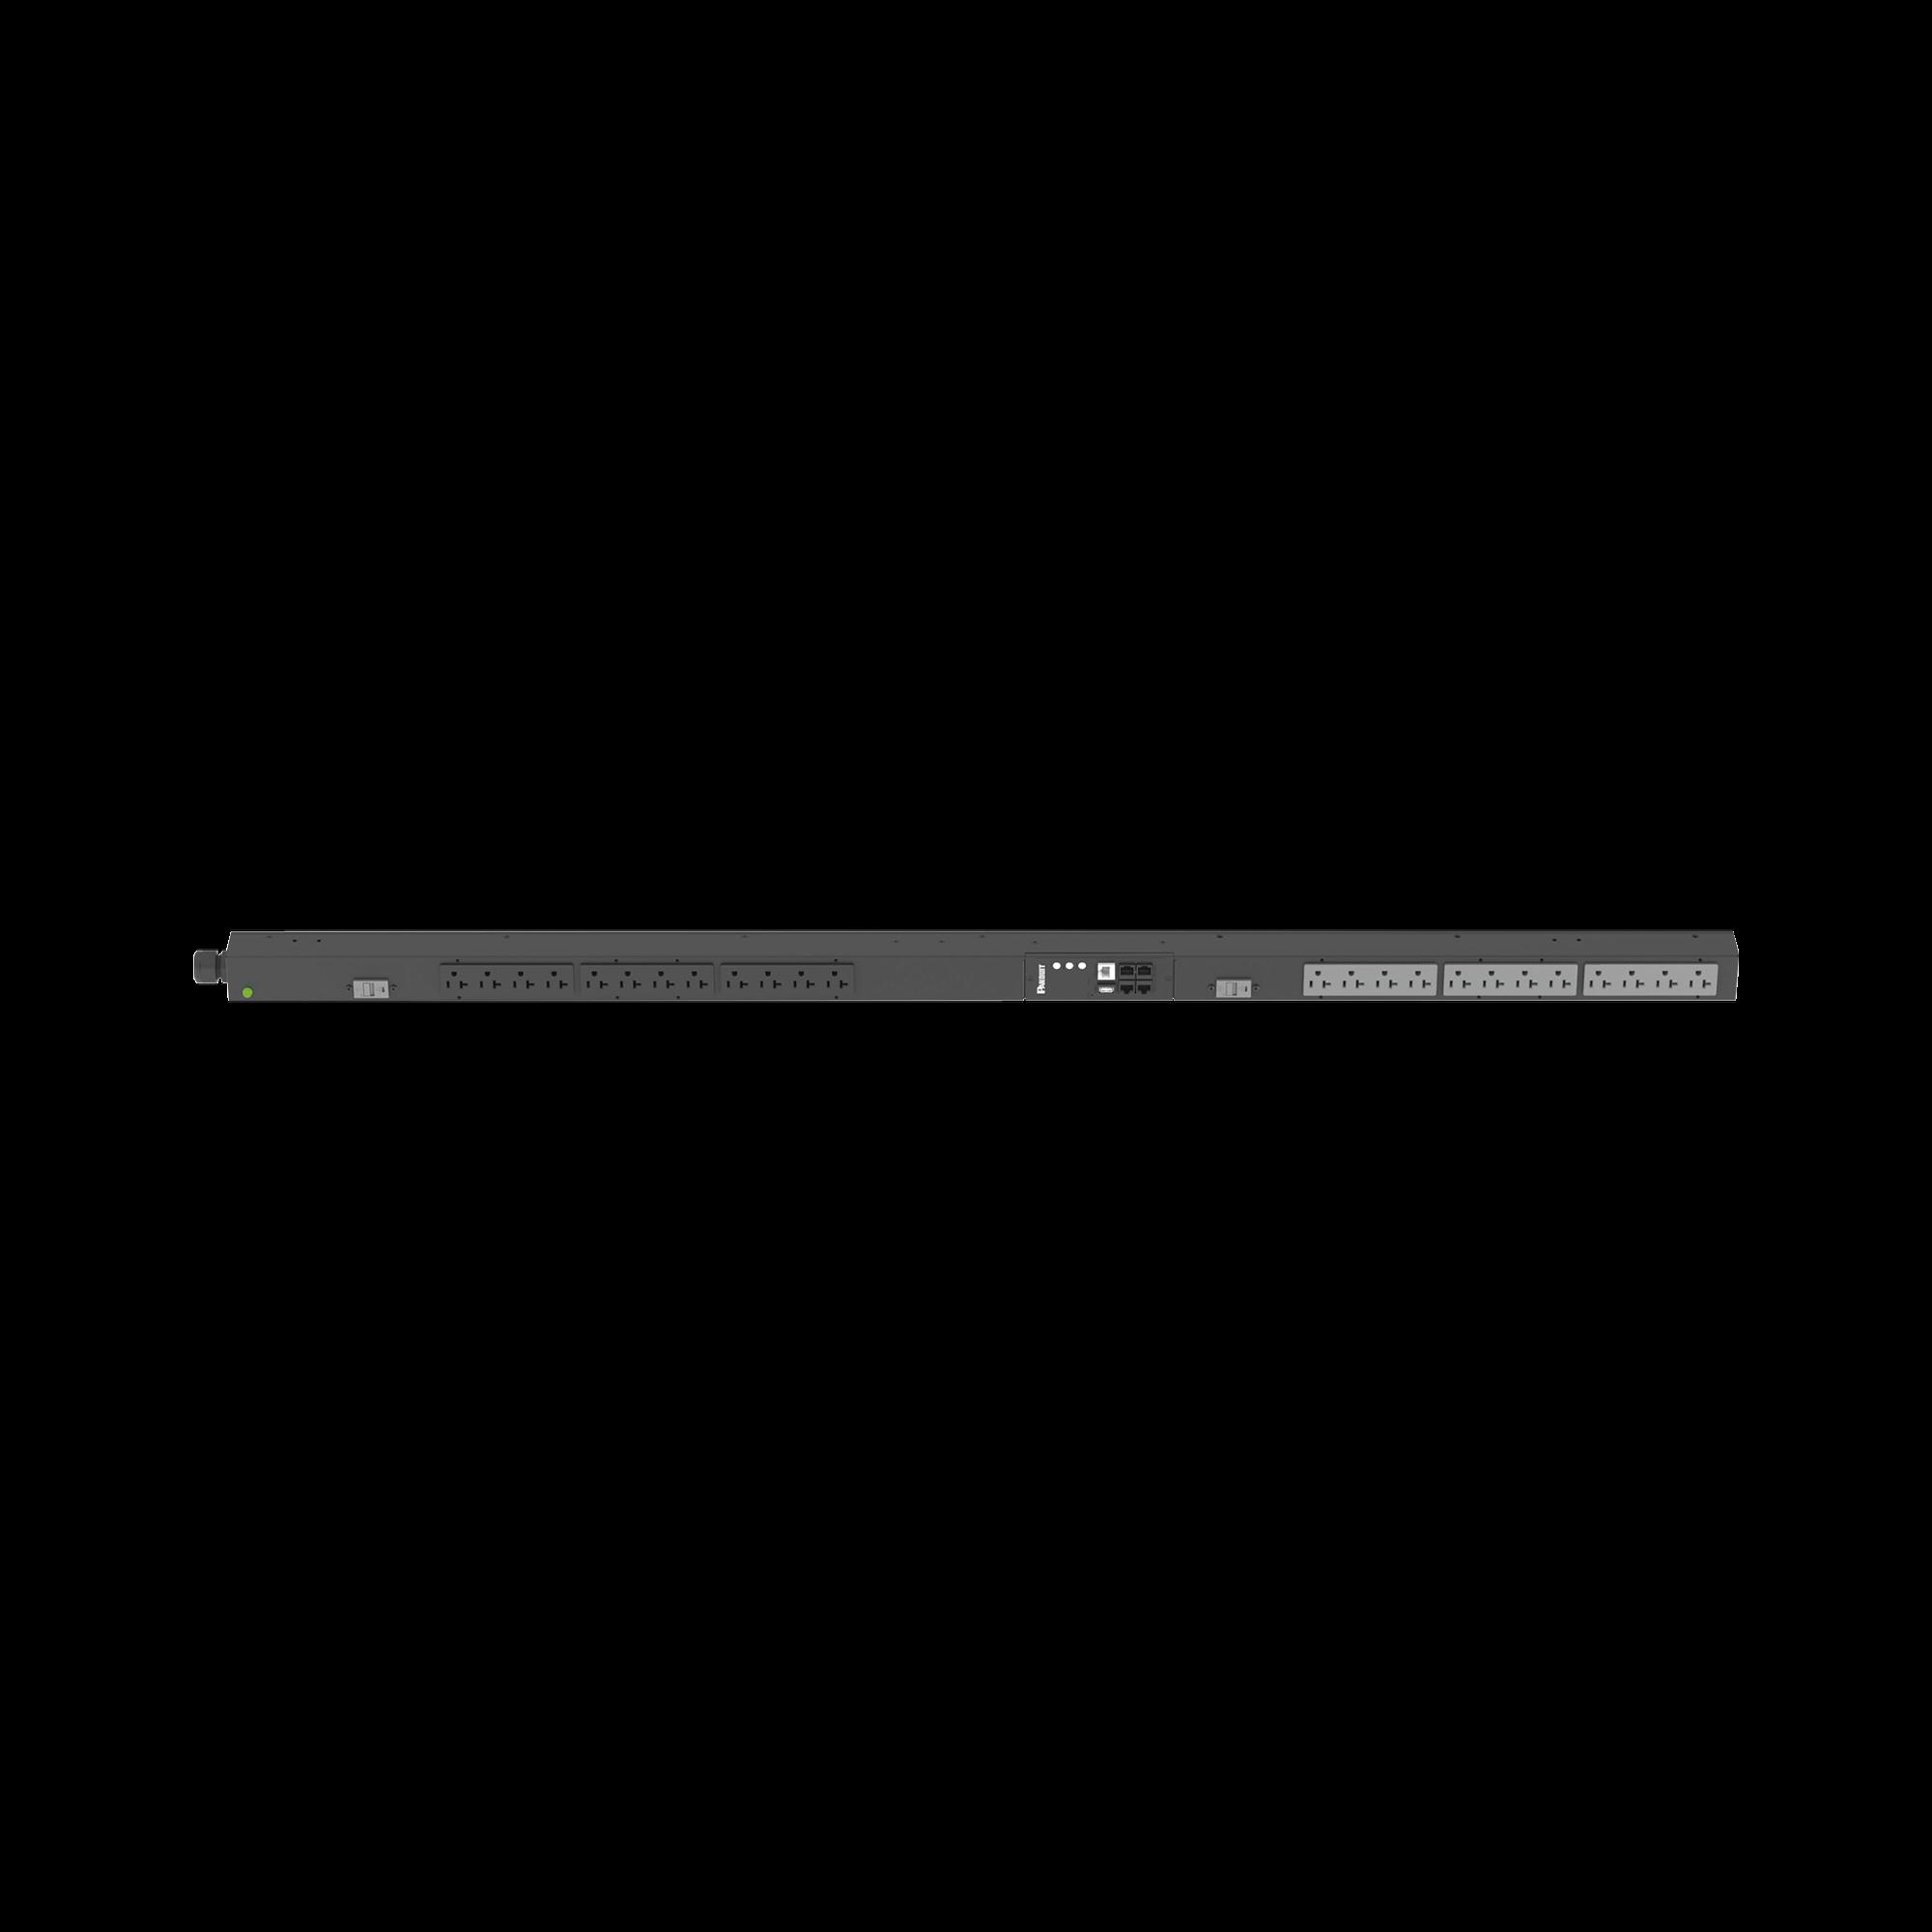 PDU Monitoreable (MI) para Distribución de Energía, Enchufe de Entrada NEMA L5-30P, Con 24 Salidas NEMA 5-20R, de Instalación Vertical, 120 Vca, 30 Amp